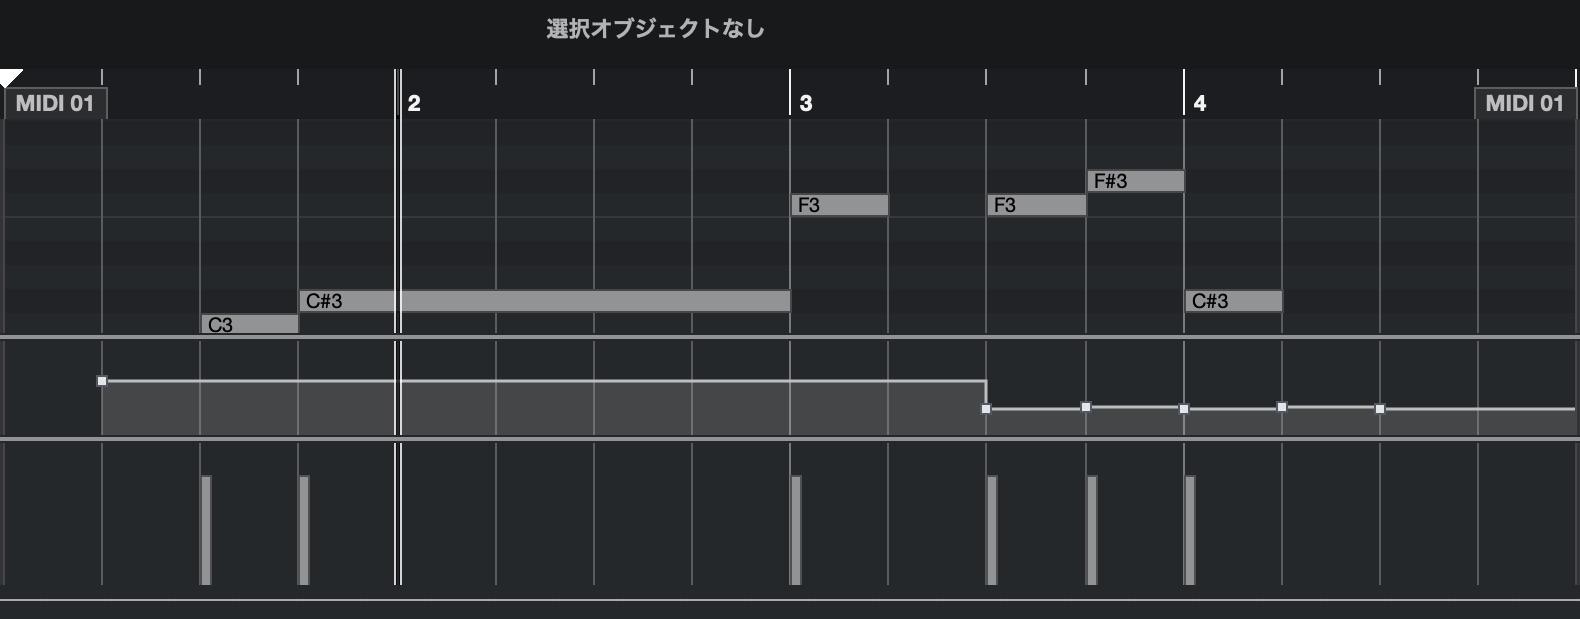 MIDI_FILE